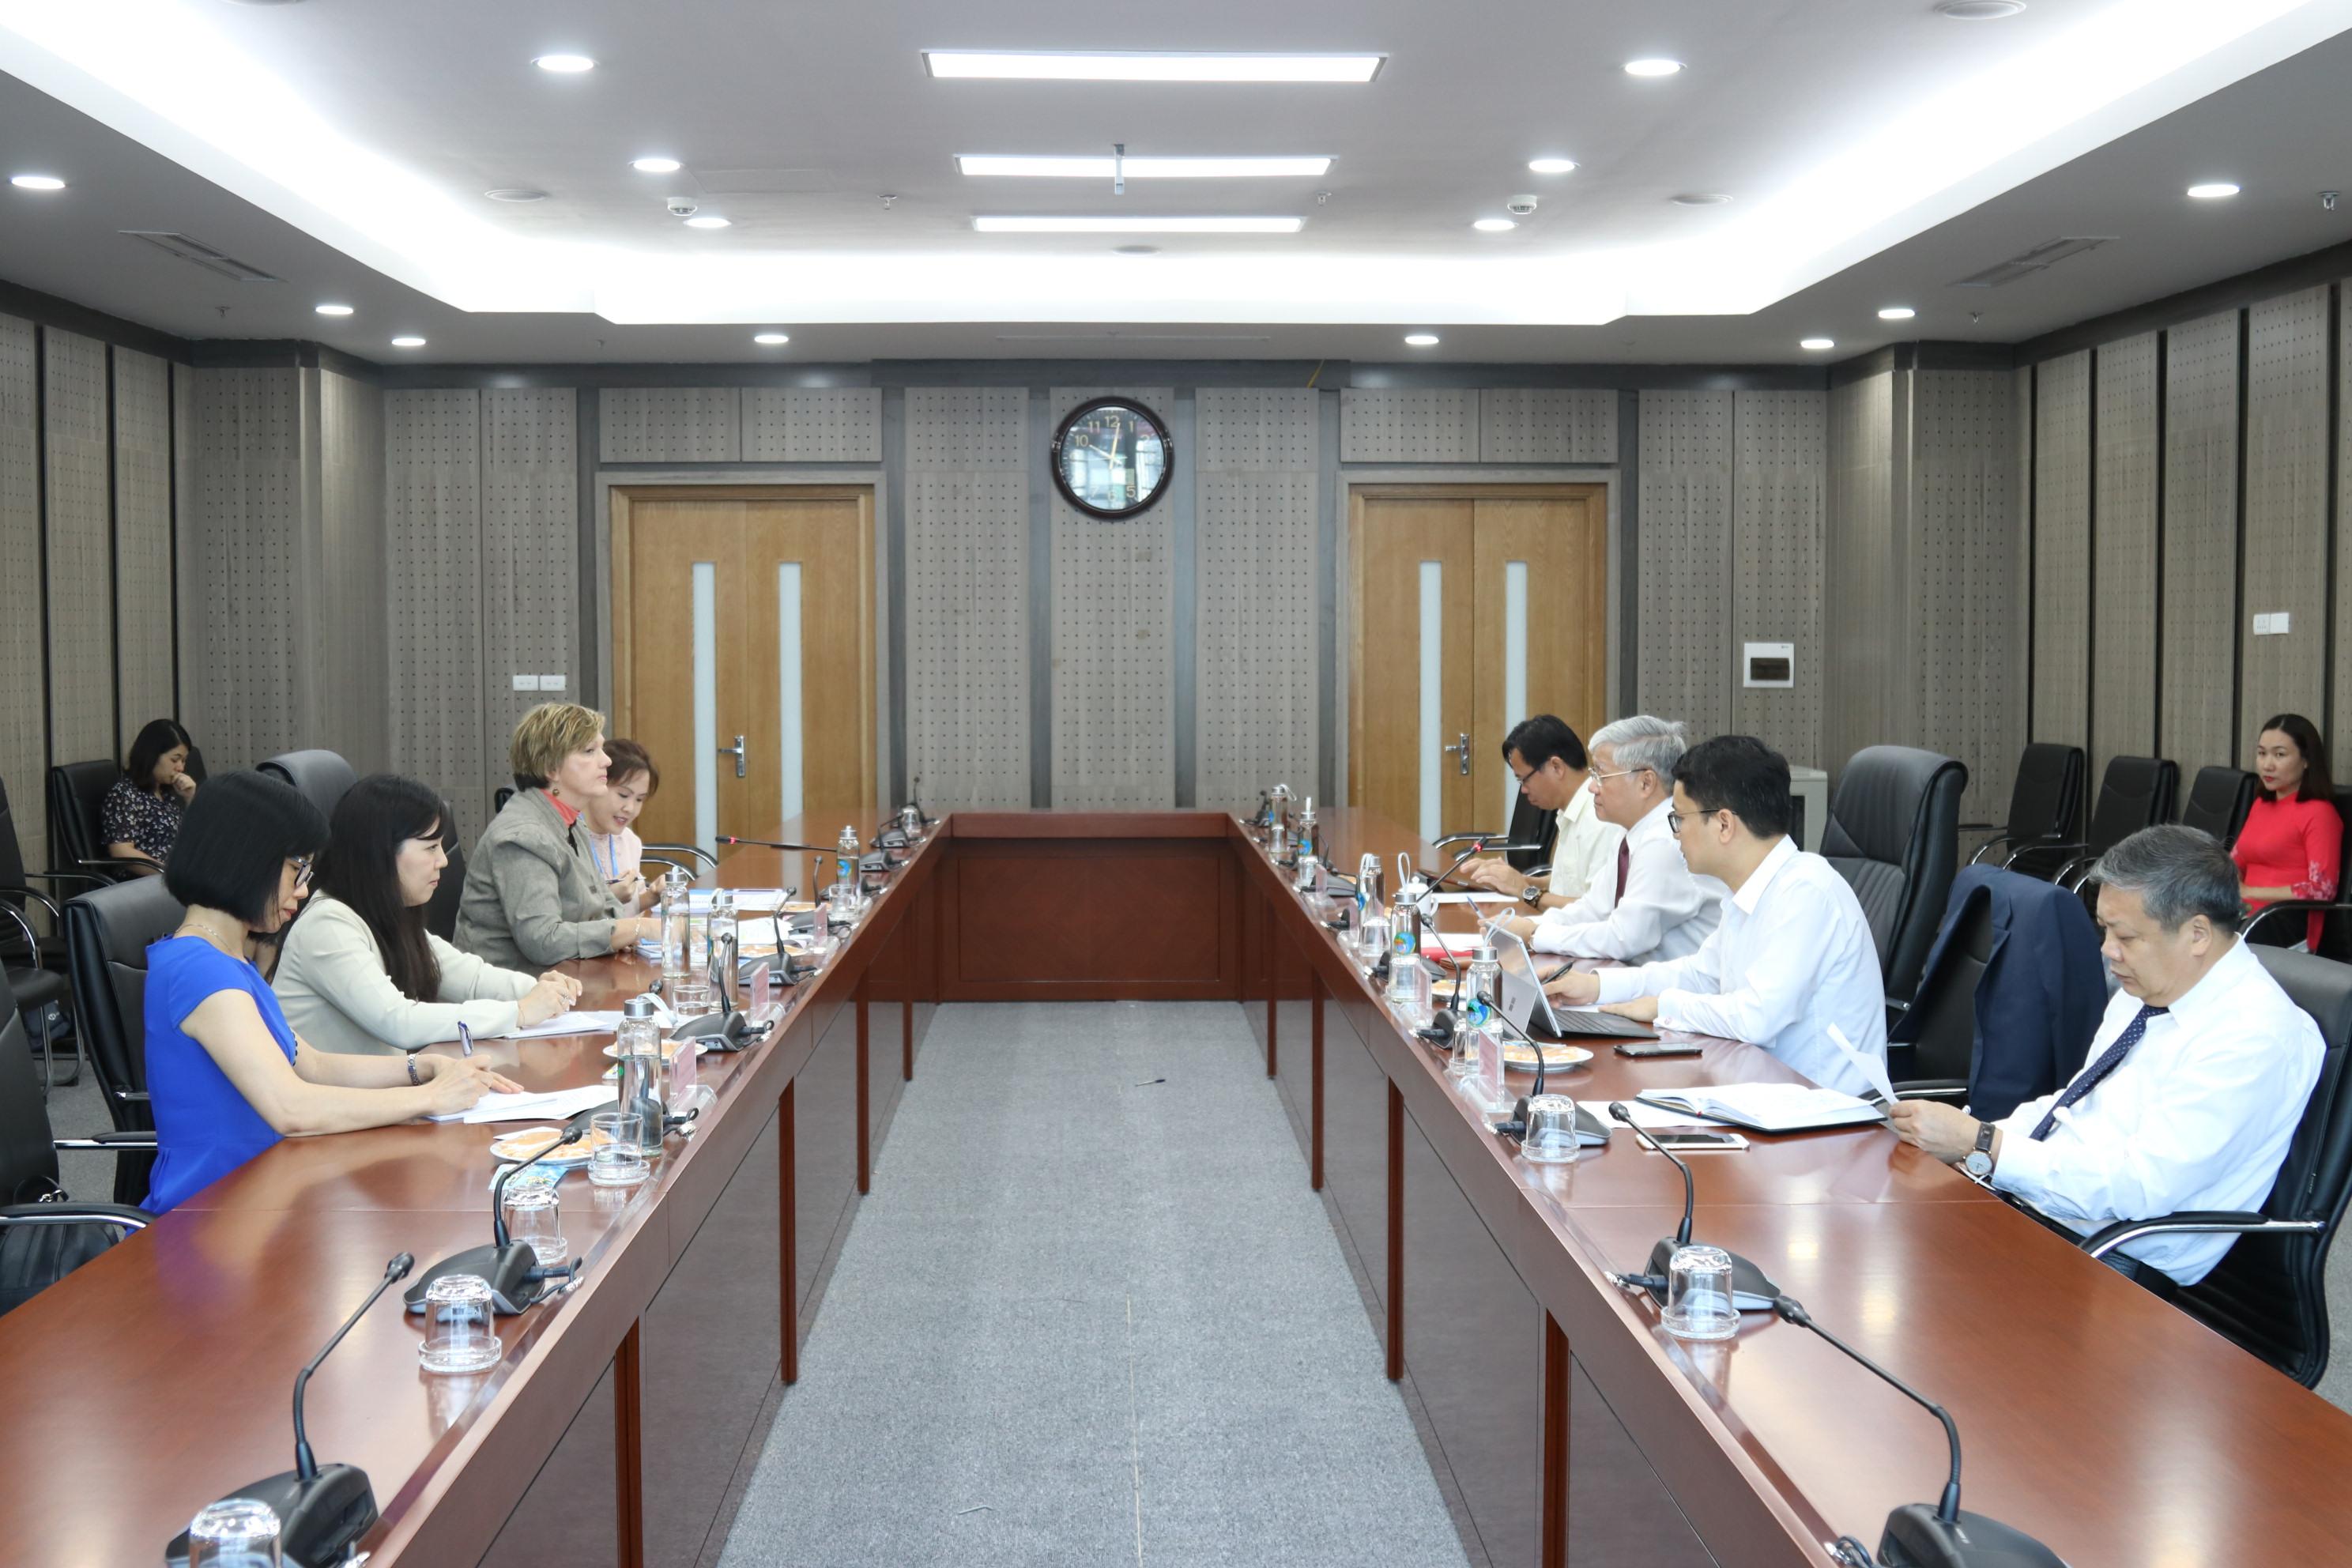 Bộ trưởng, Chủ nhiệm UBDT Đỗ Văn Chiến tiếp bà Rana Flower, Trưởng đại diện mới của Unicef tại Việt Nam